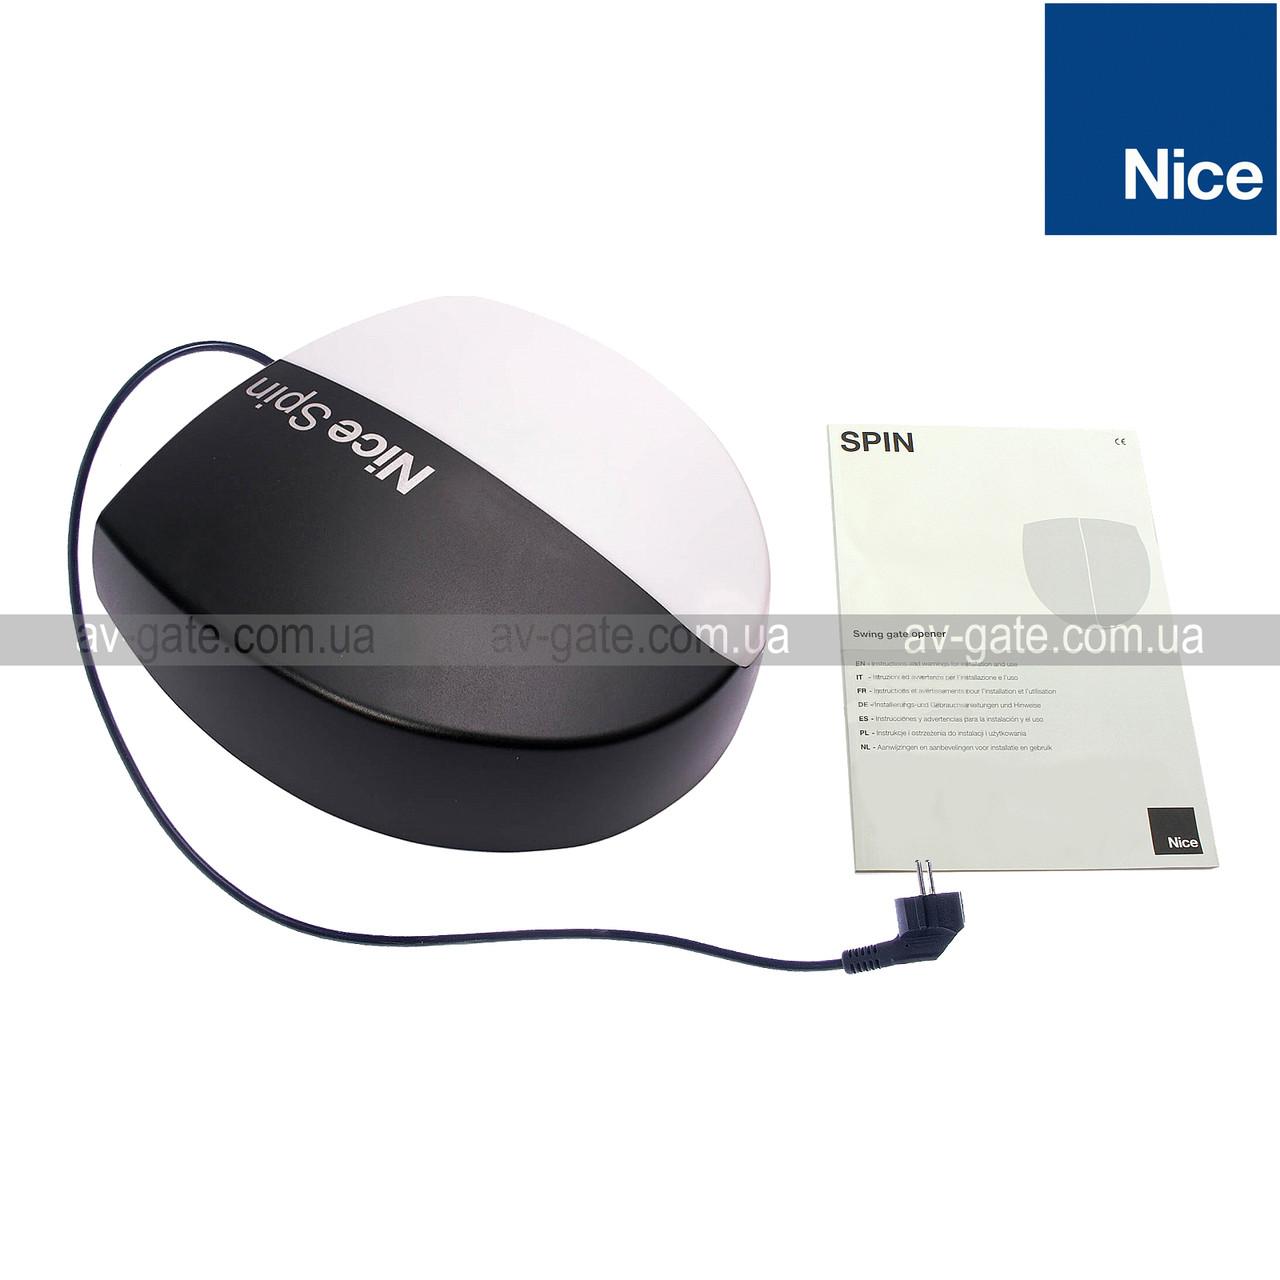 Электропривод SN6021 Nice для секционных ворот (до 10,5 м.кв.)